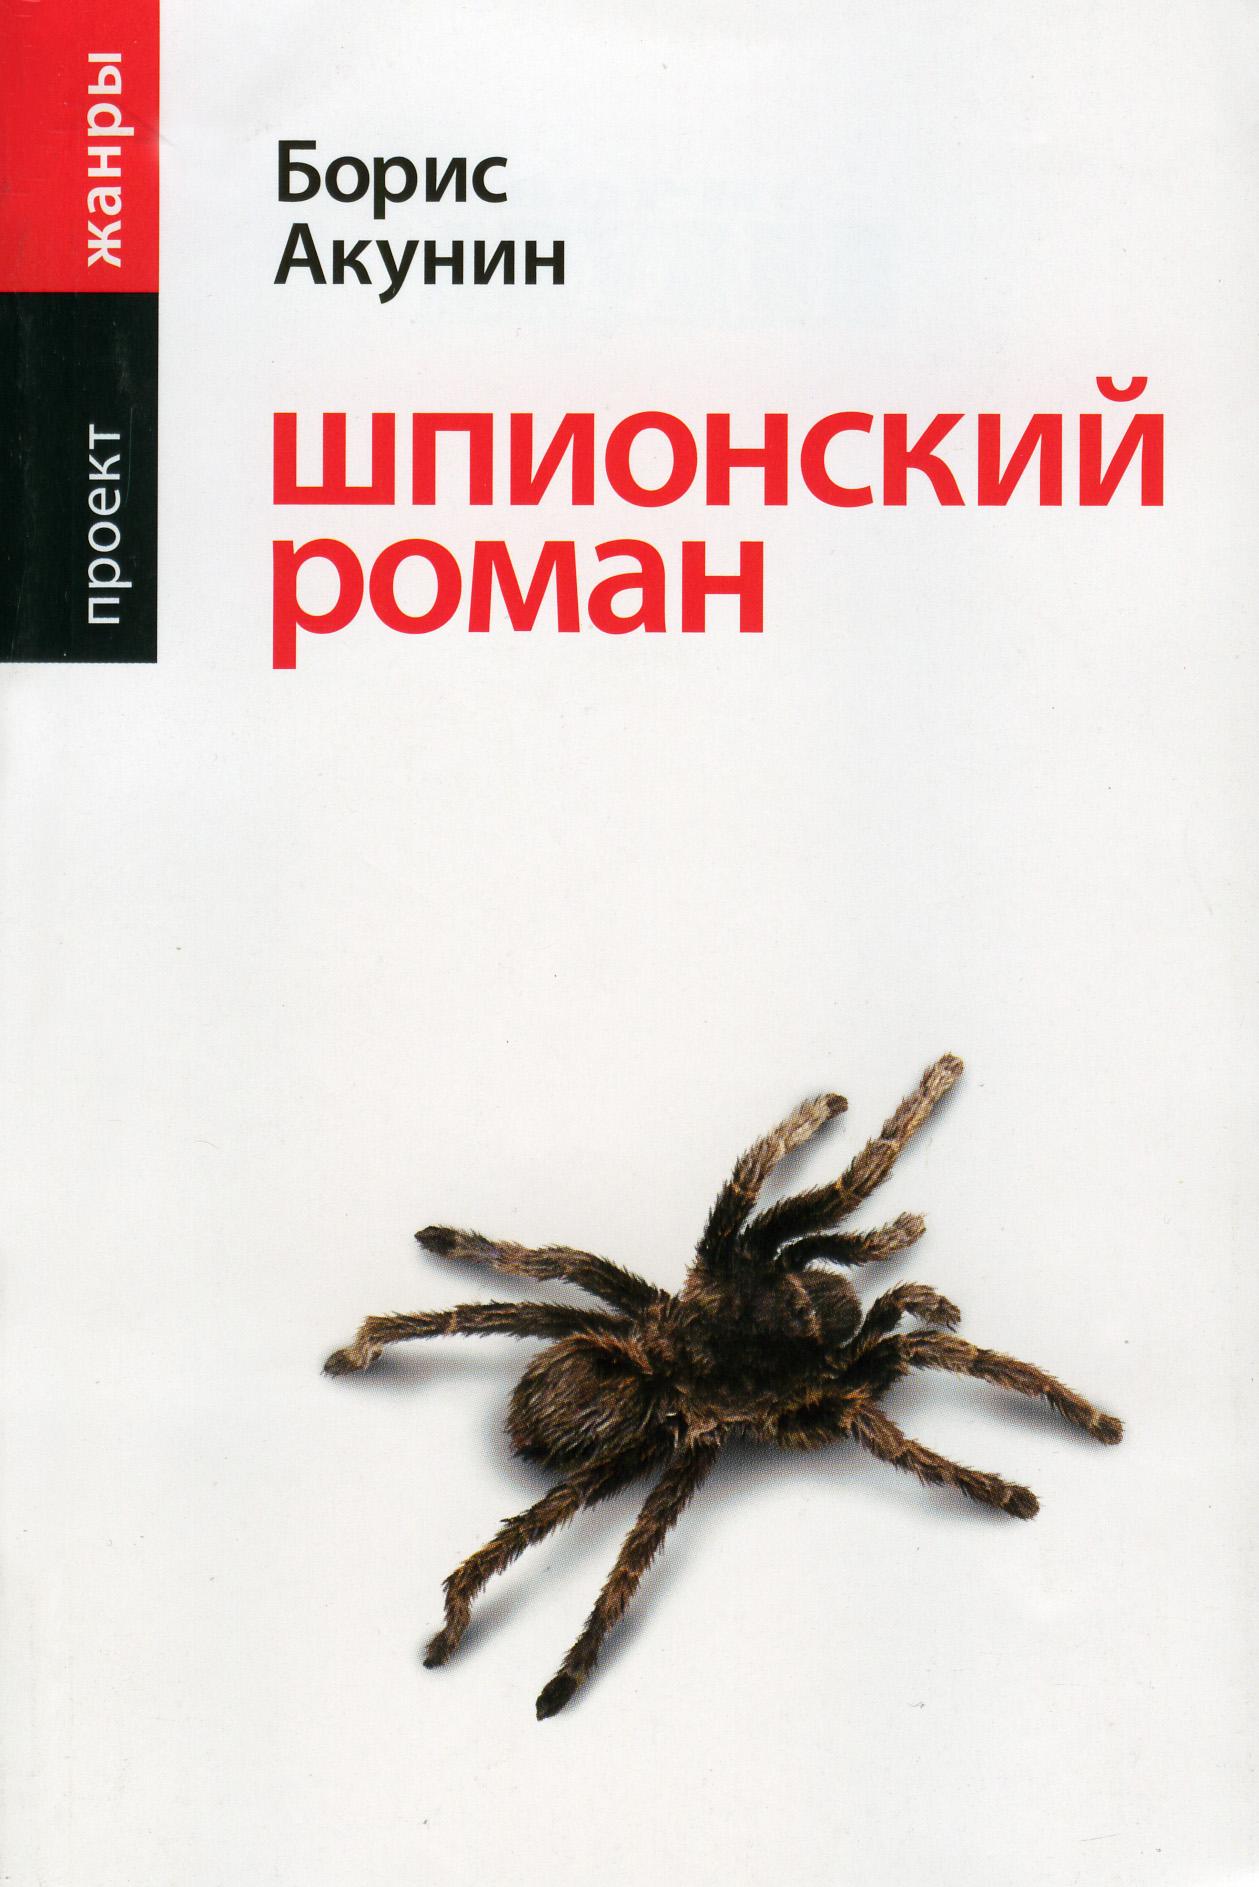 купить Борис Акунин Шпионский роман по цене 139 рублей